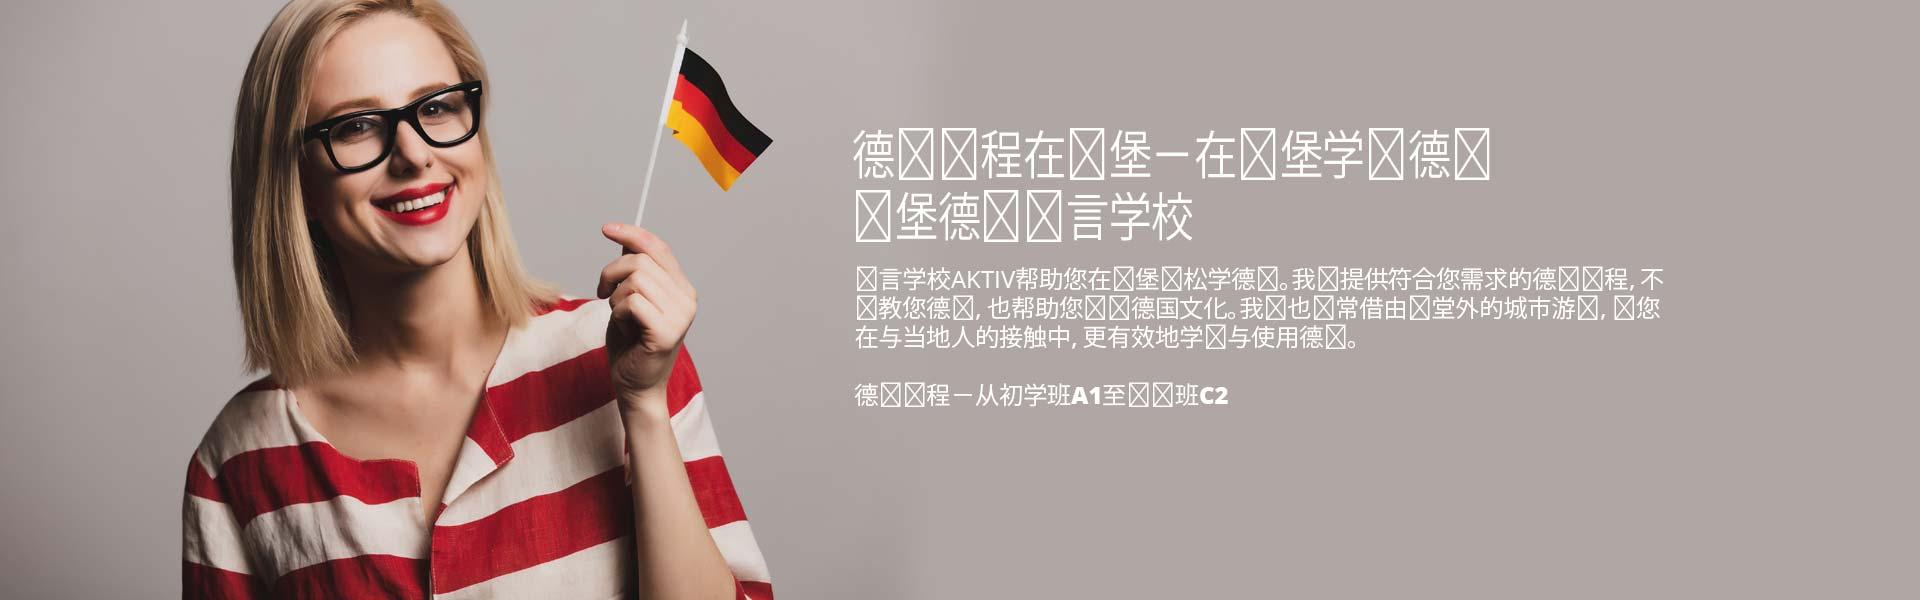 德语课程在汉堡-在汉堡学习德语 汉堡德语语言学校